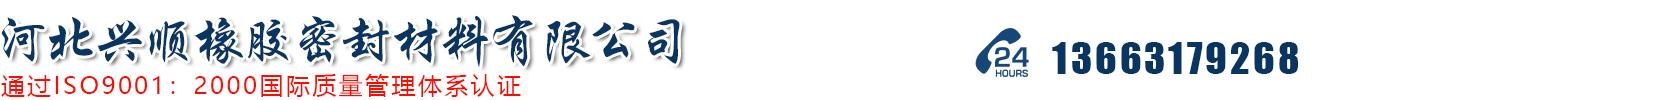 亚博体育娱乐_亚博体育首页_亚博体育足彩平台